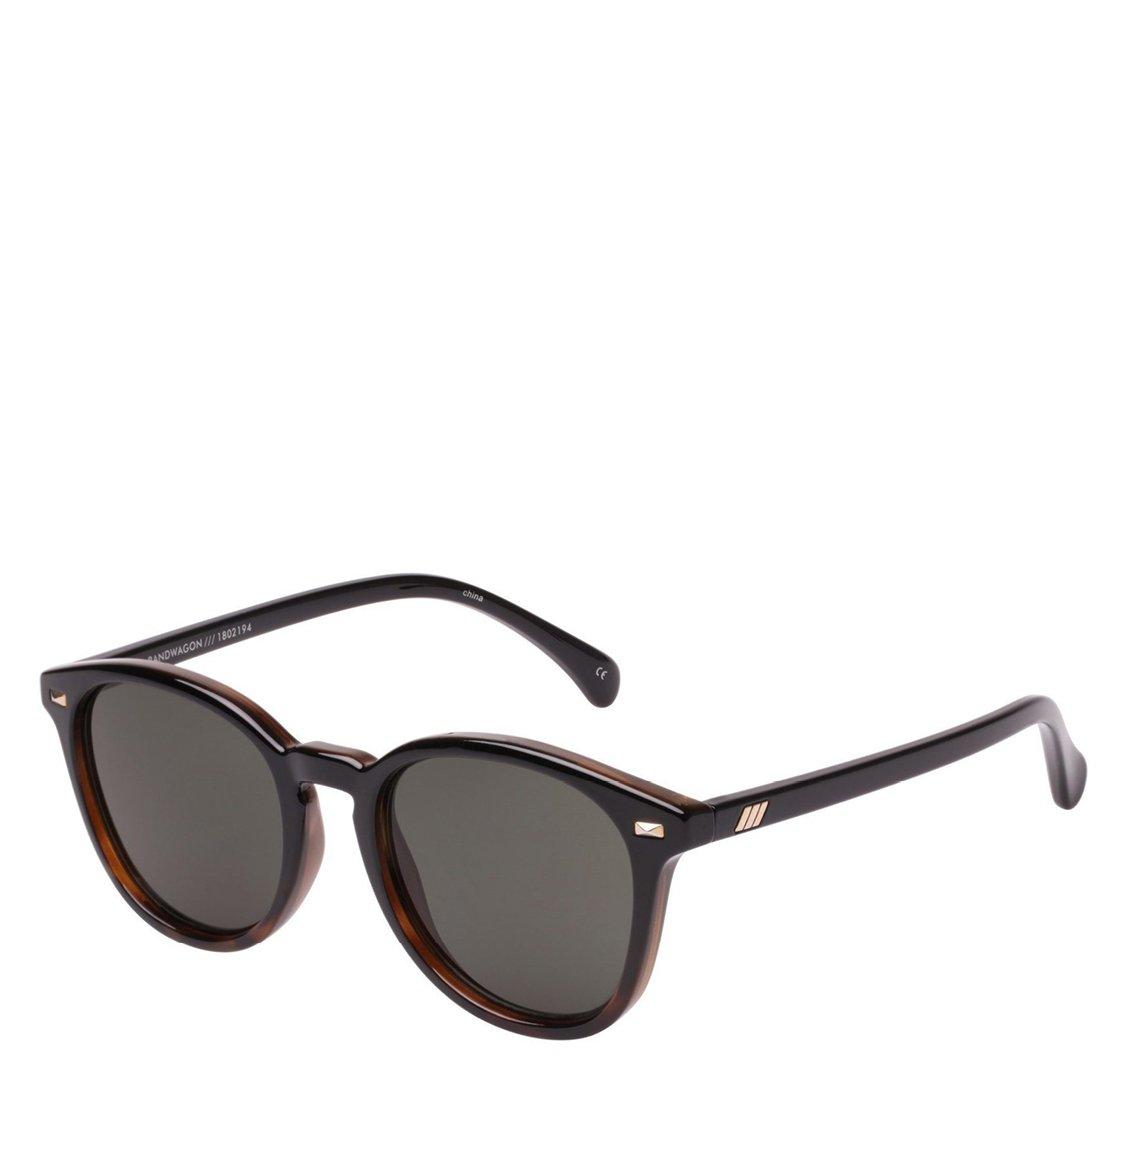 Le Specs Round Black Tortoise Γυαλιά Ηλίου